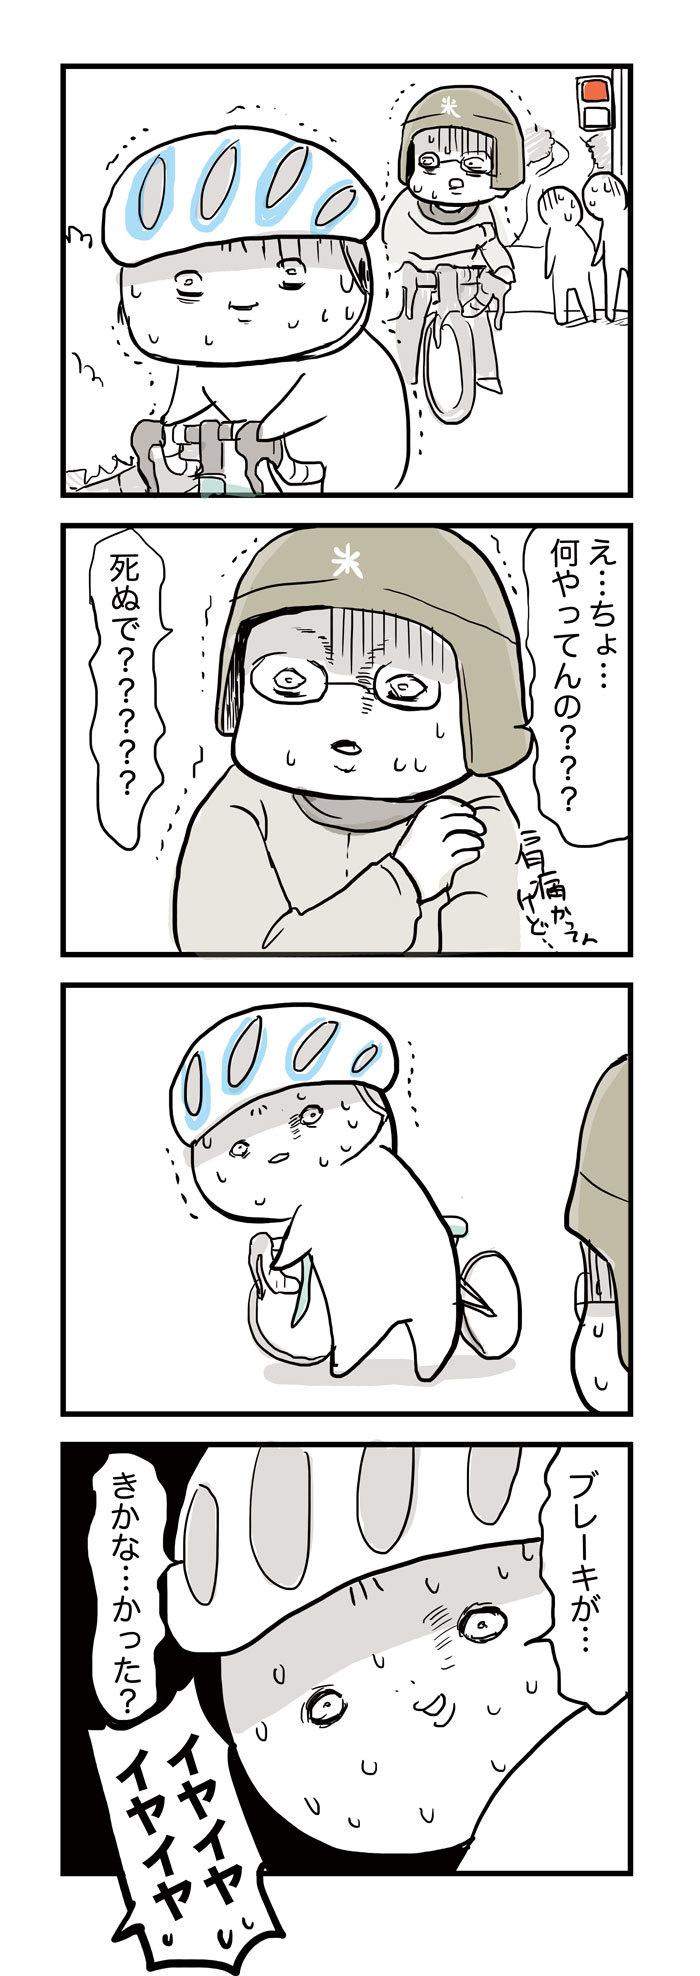 30_1 反省会